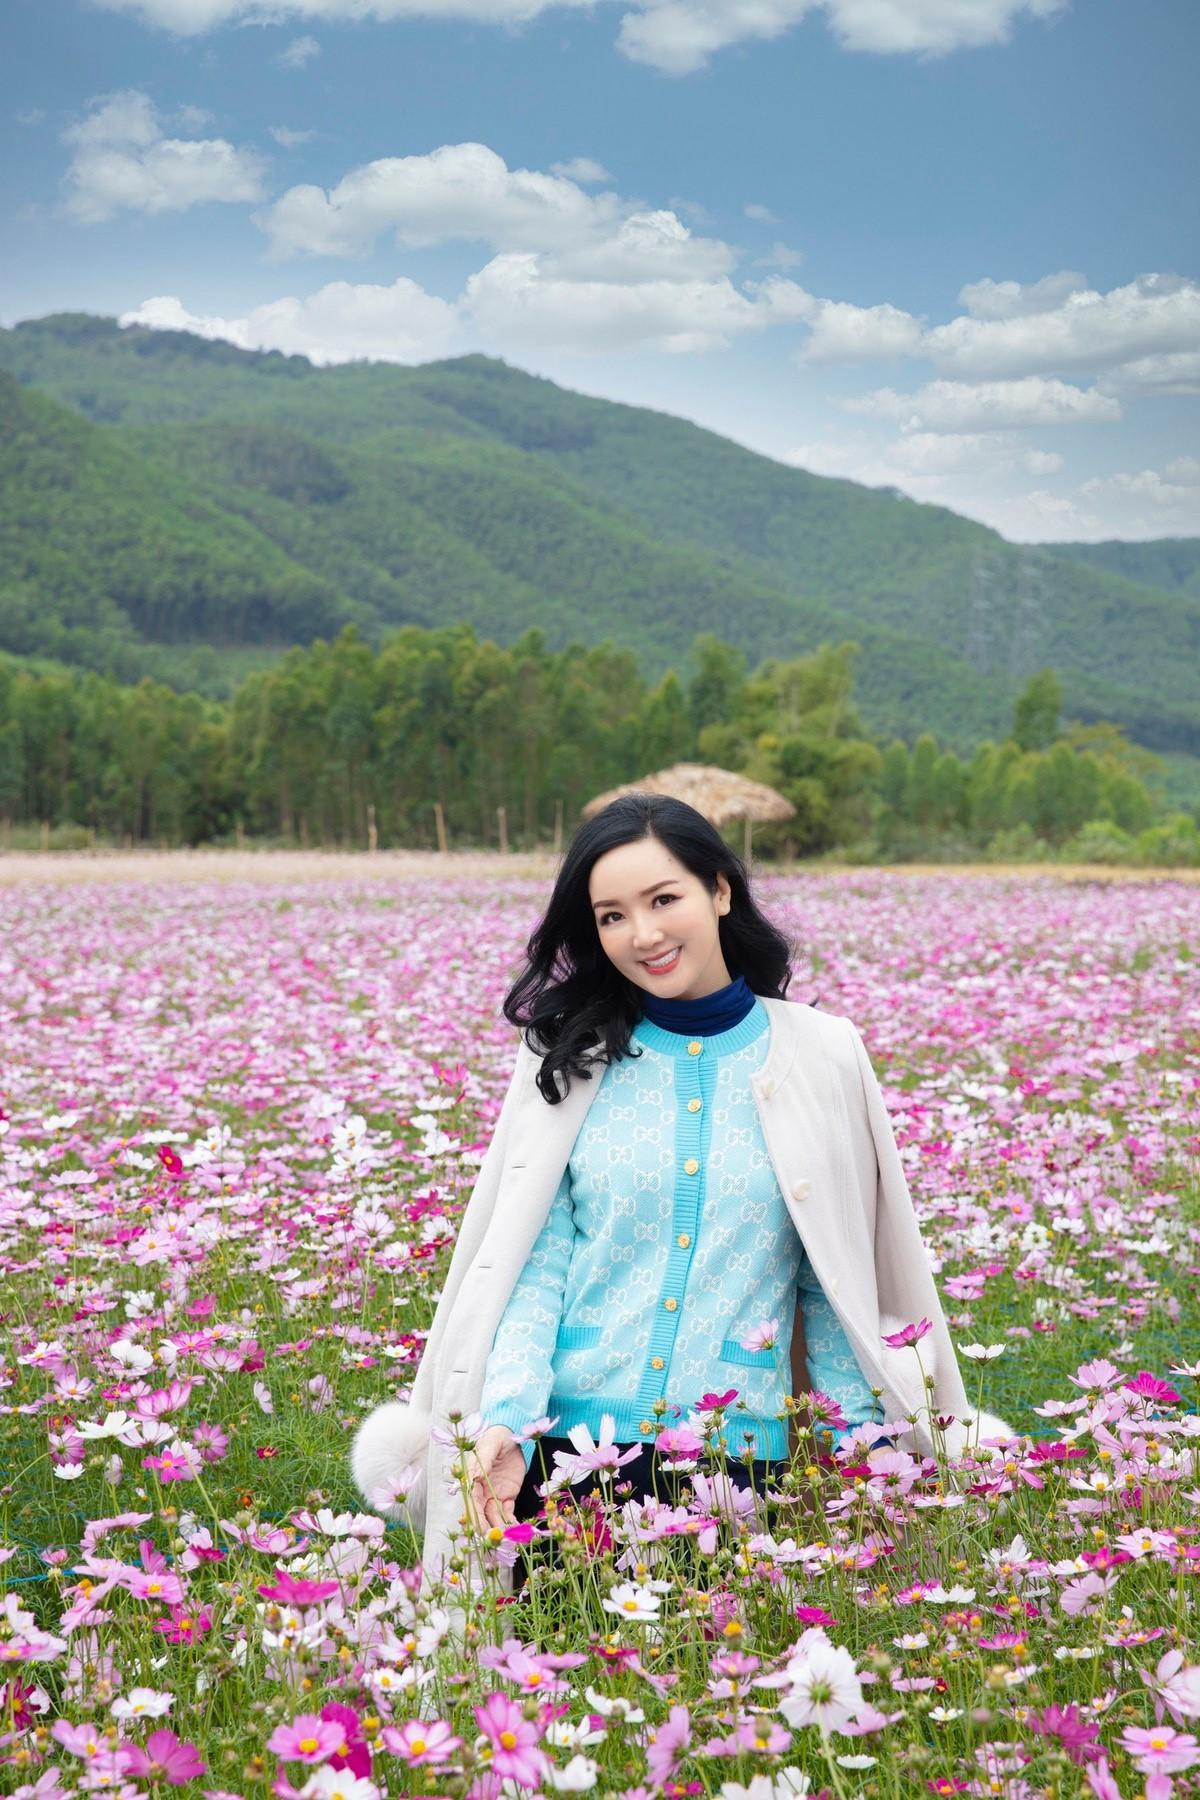 Hoa hậu Giáng My khoe khéo body gợi cảm và vẻ đẹp không tuổi những ngày đầu năm mới ảnh 5